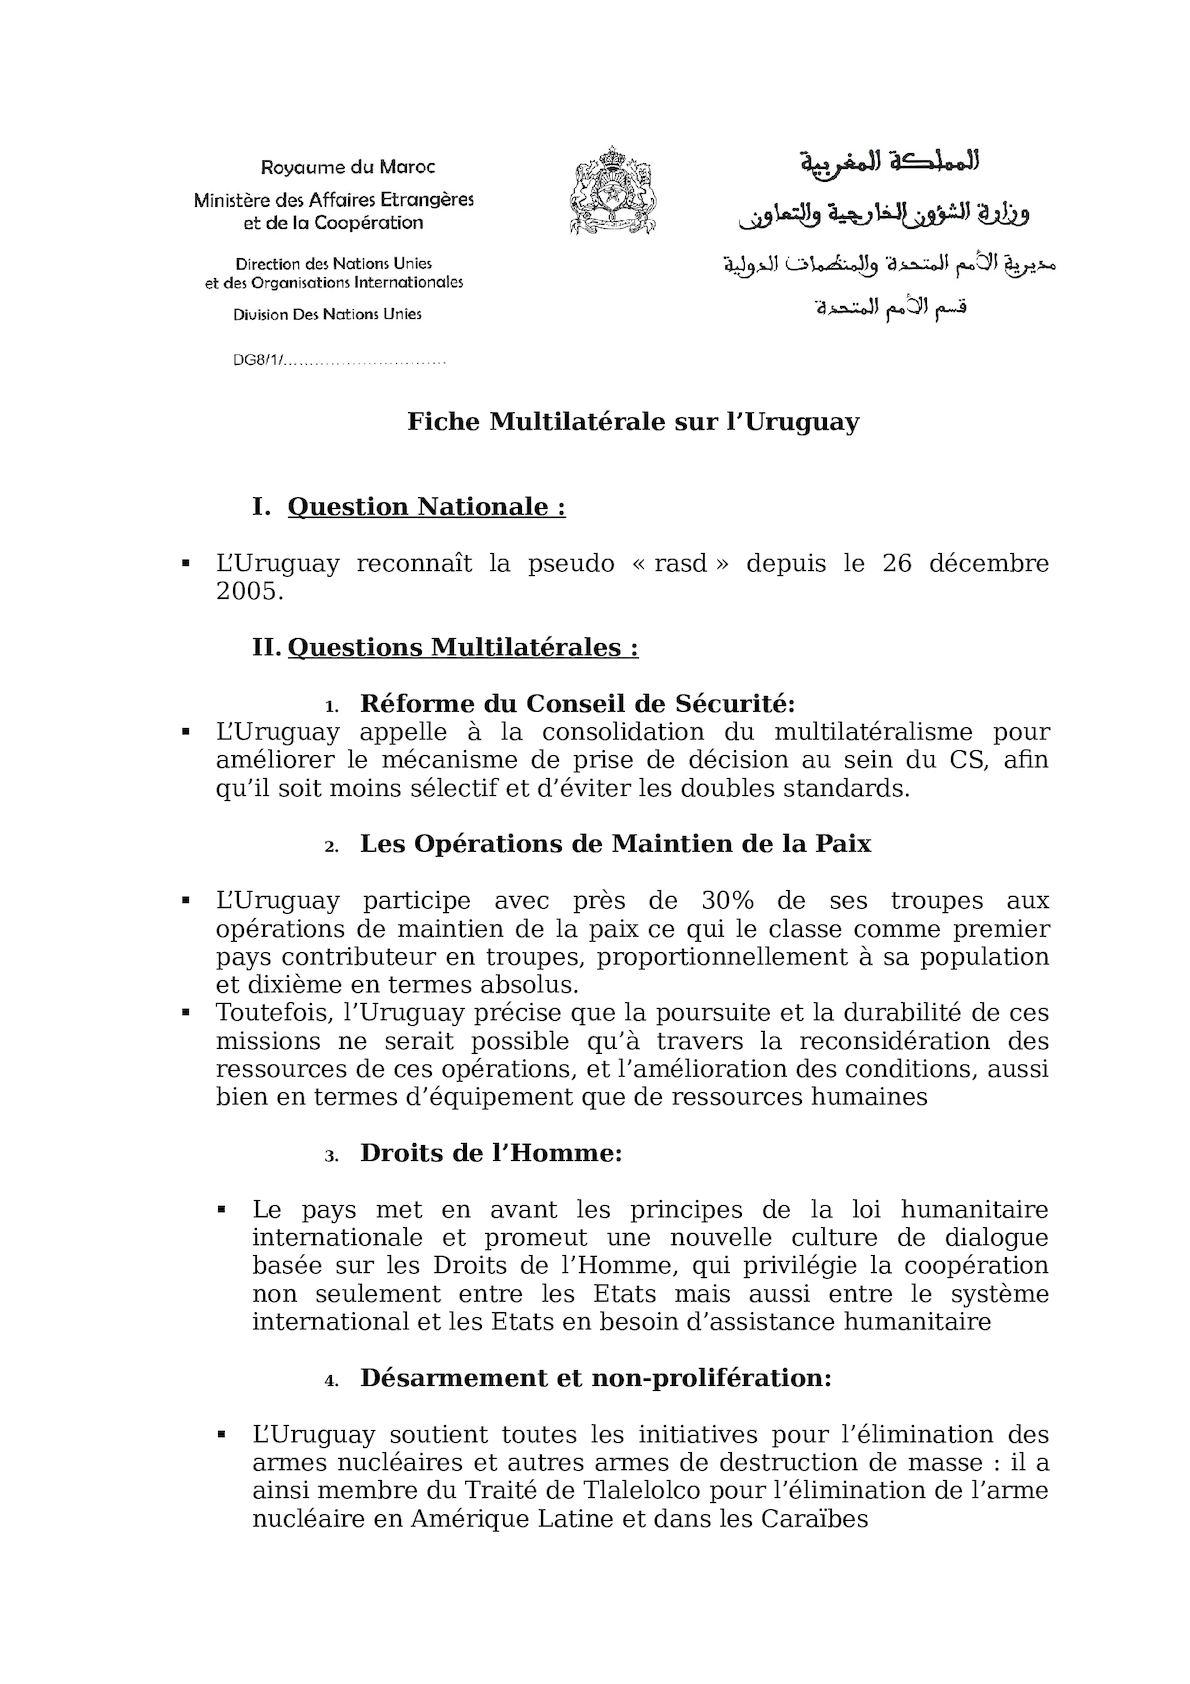 Fiche Multilatérale L'uruguay  Juin 2012